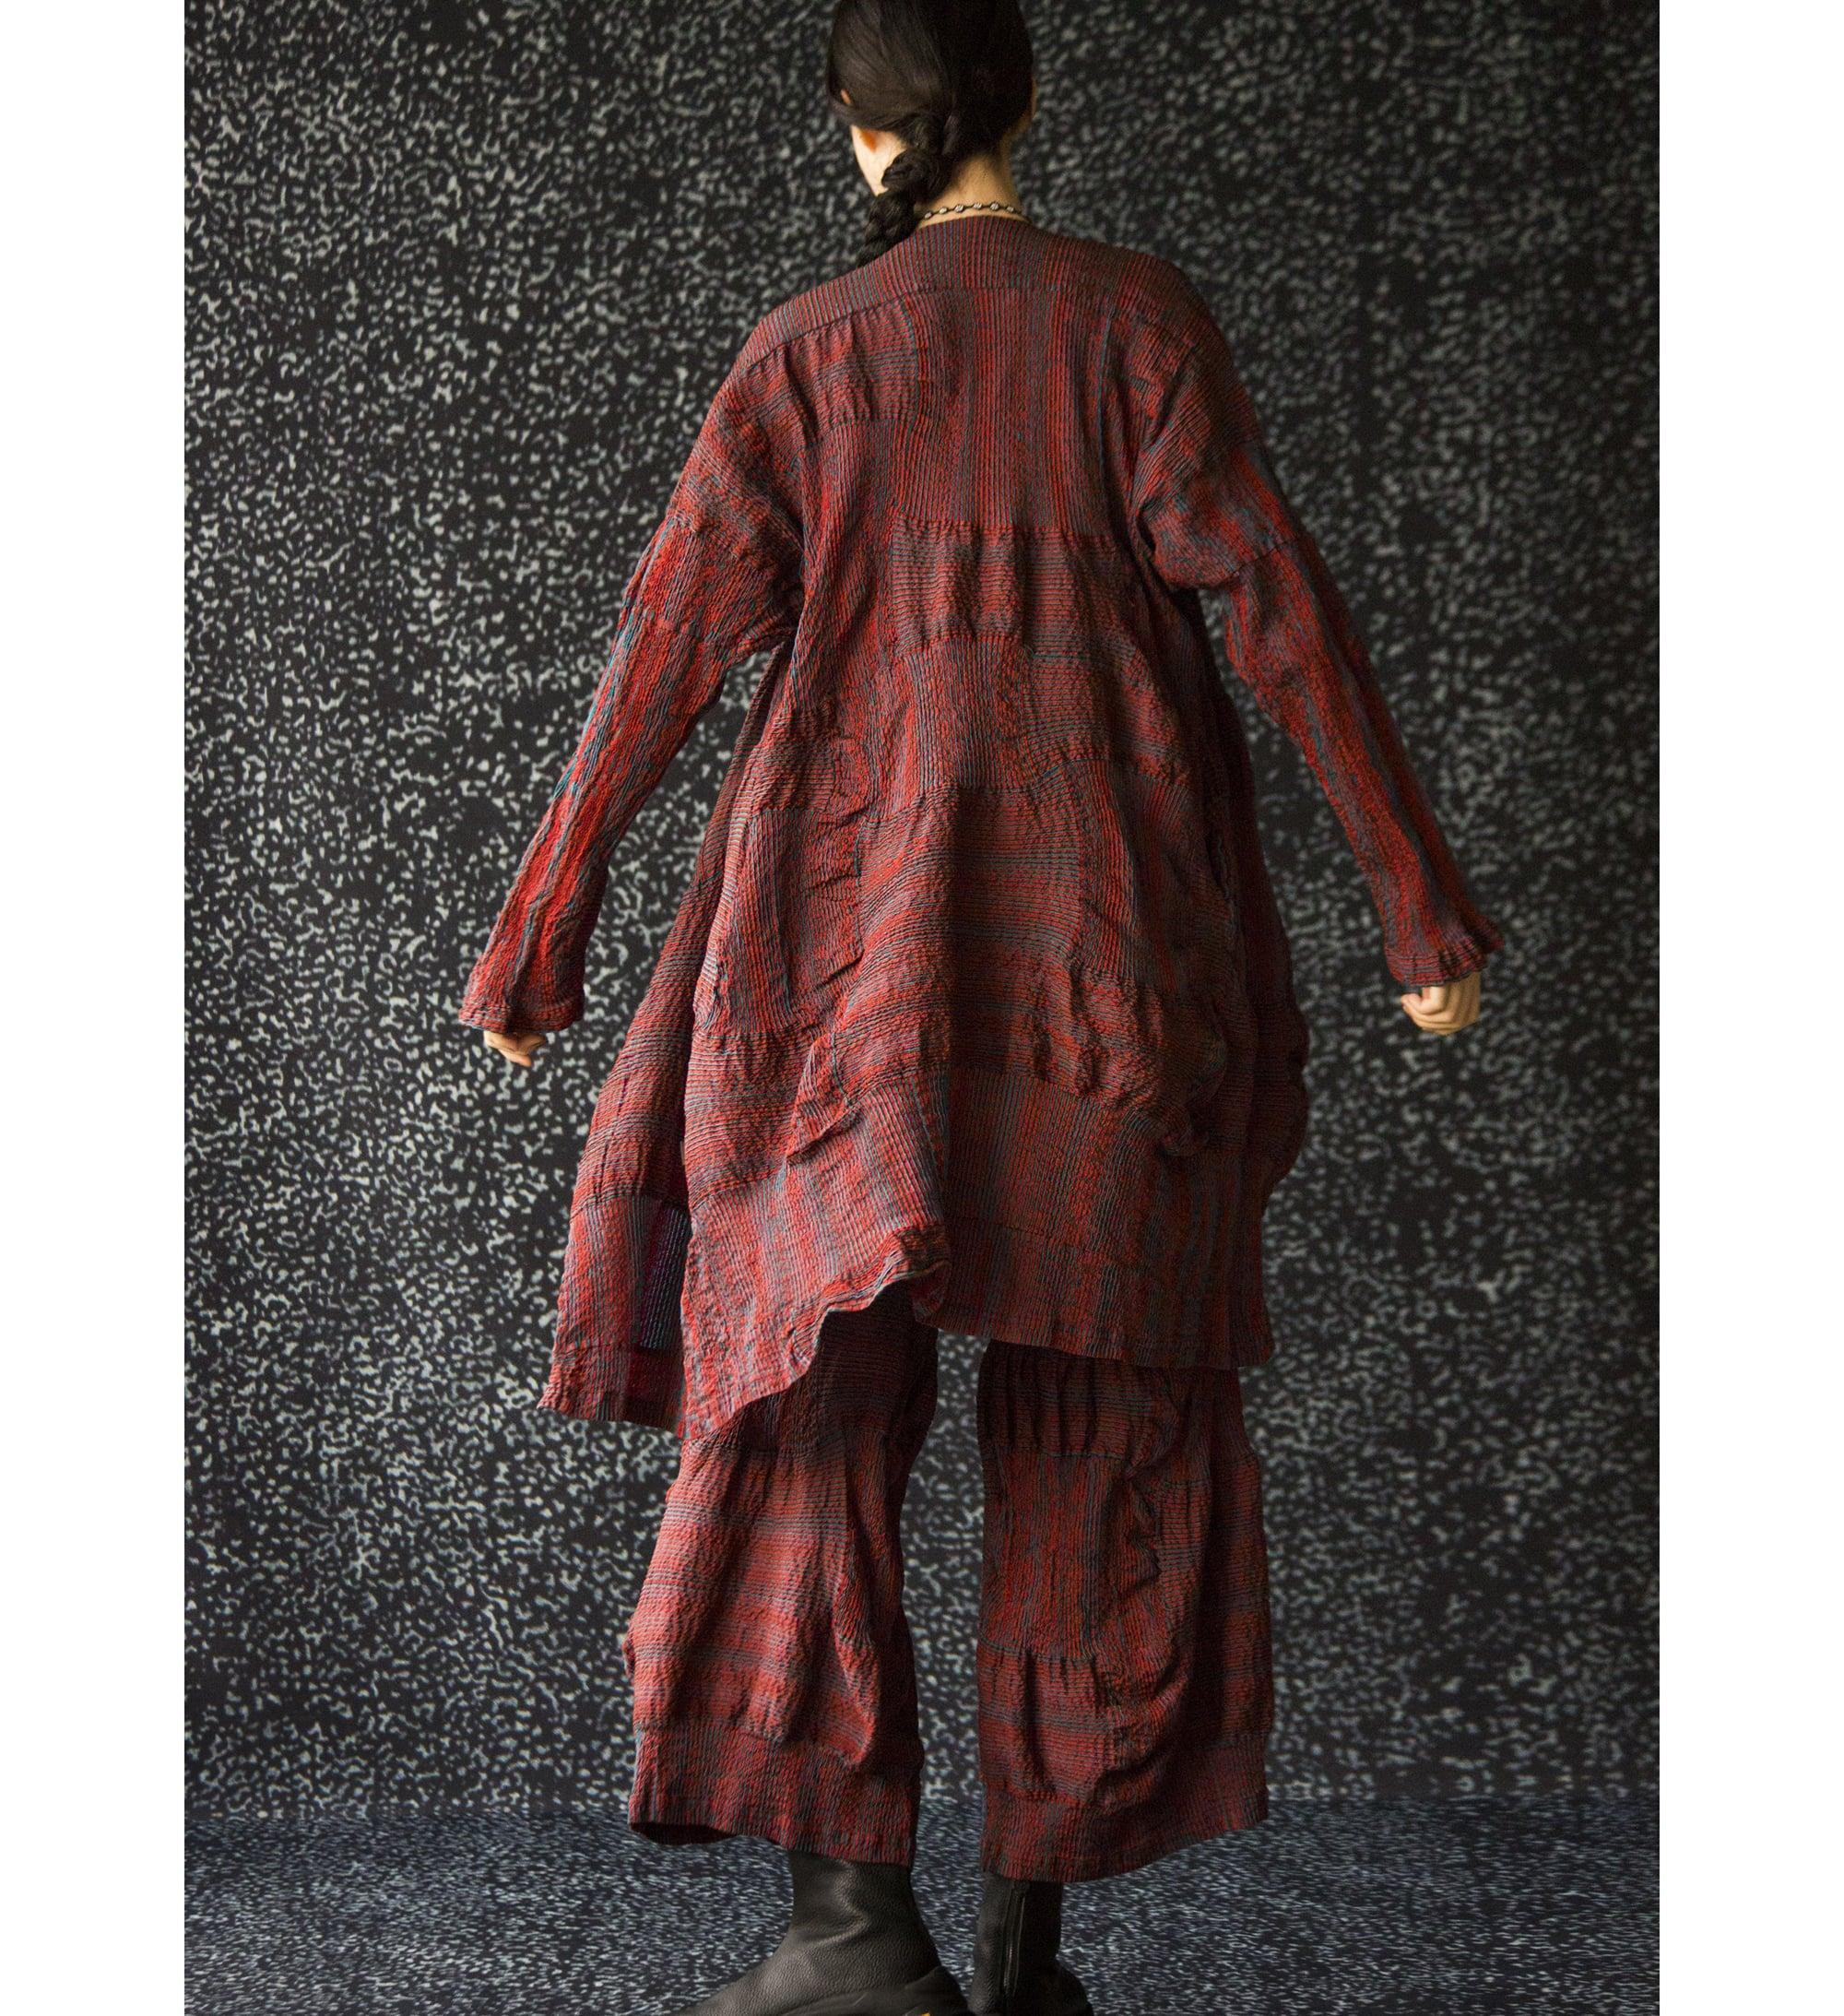 2019年秋冬コレクション。緯糸に強撚糸を使うことで、立体的な畝をつくり出すジャガード織りを施した3Dパッチワーク。